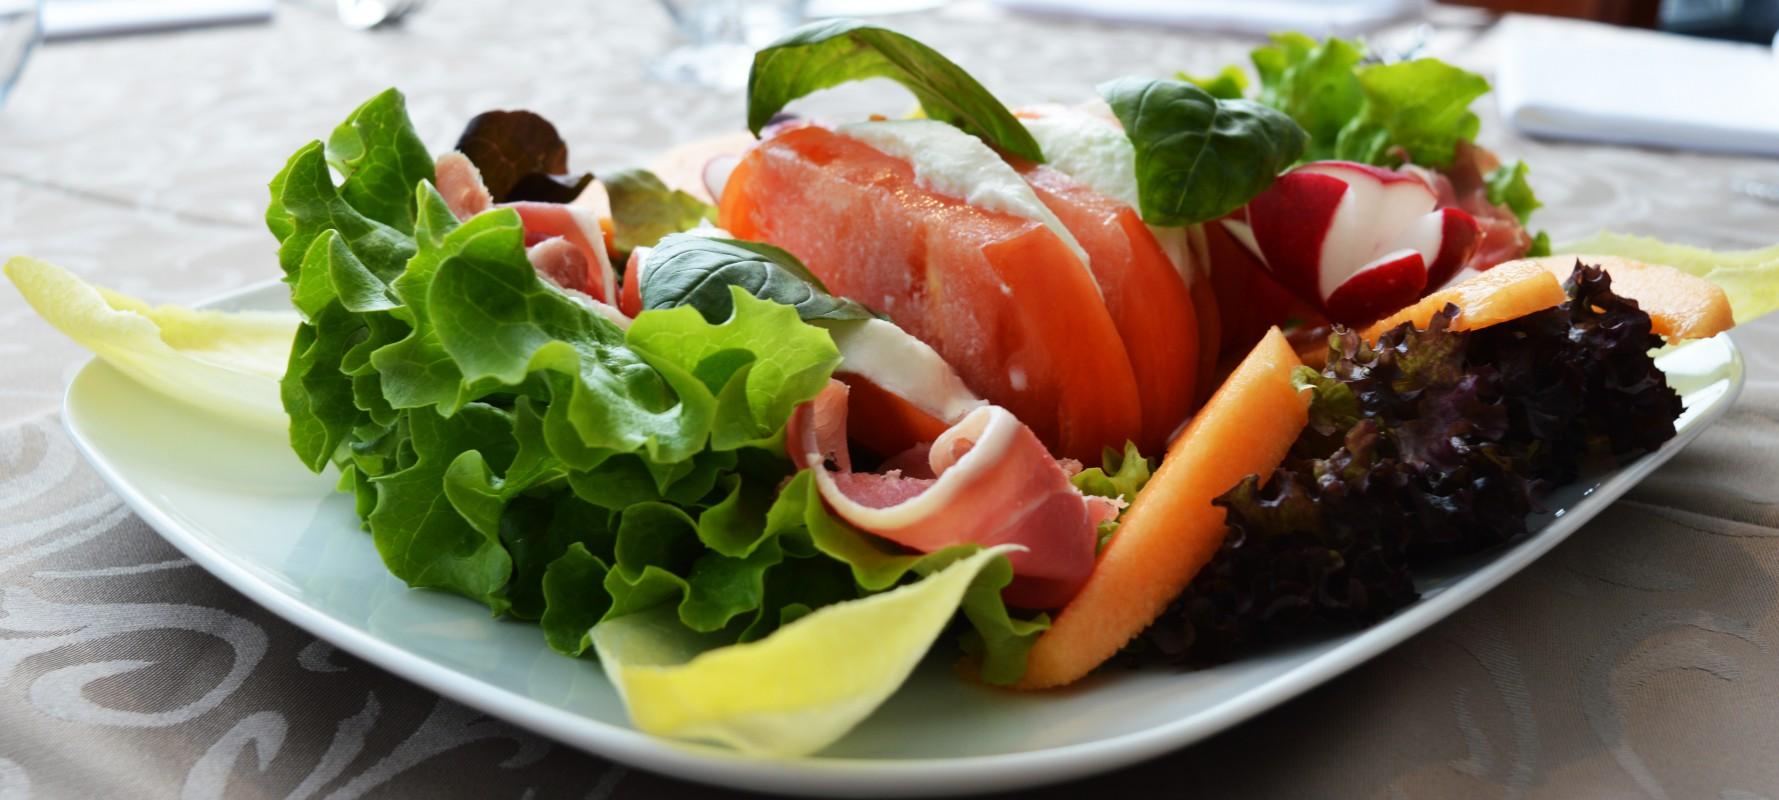 Salades Mont dor Restaurant Lausanne